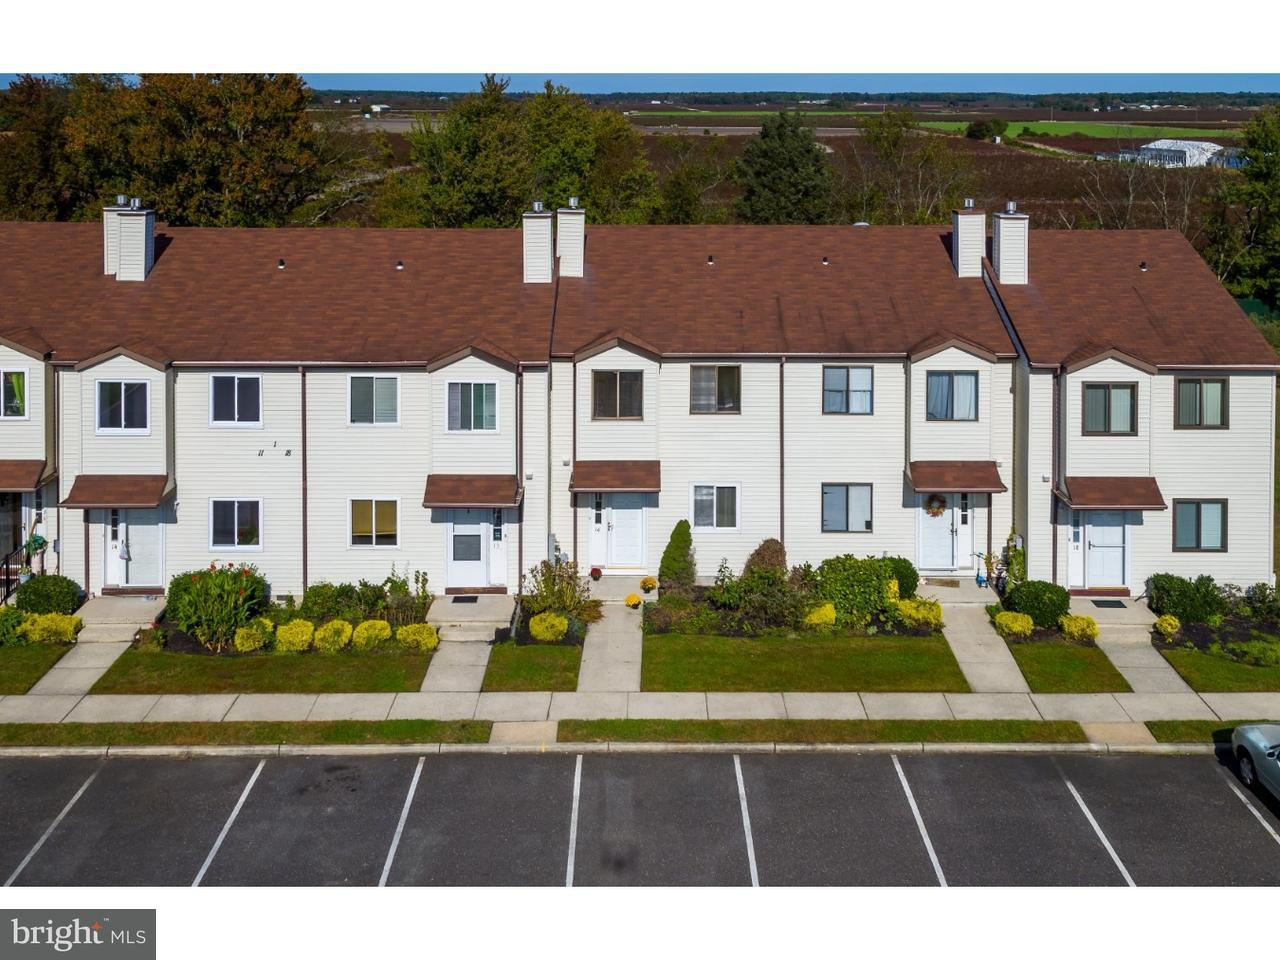 Casa unifamiliar adosada (Townhouse) por un Alquiler en 16 JAMESTOWN BLVD Hammonton, Nueva Jersey 08037 Estados Unidos